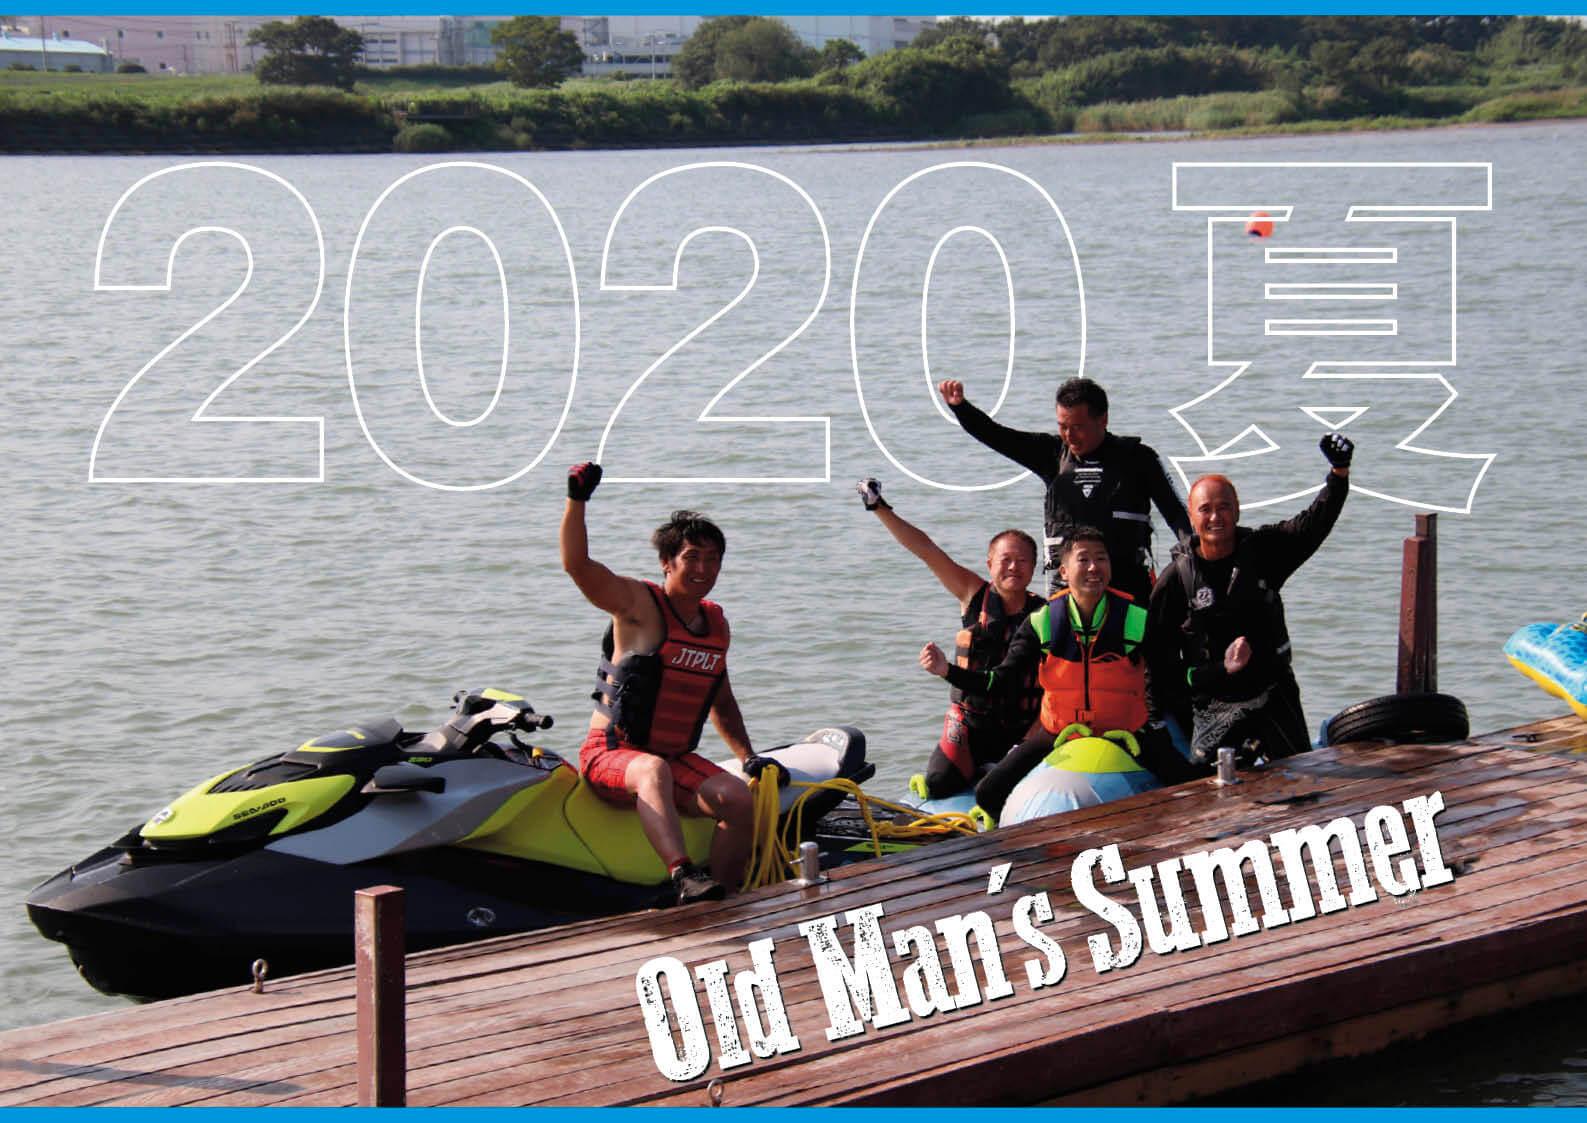 ワールドジェットスポーツマガジン「2020年9月号」 ハジけるオッサンたちの夏!! 真夏の必需品トーイングチューブ ジェットスキー(水上バイク)